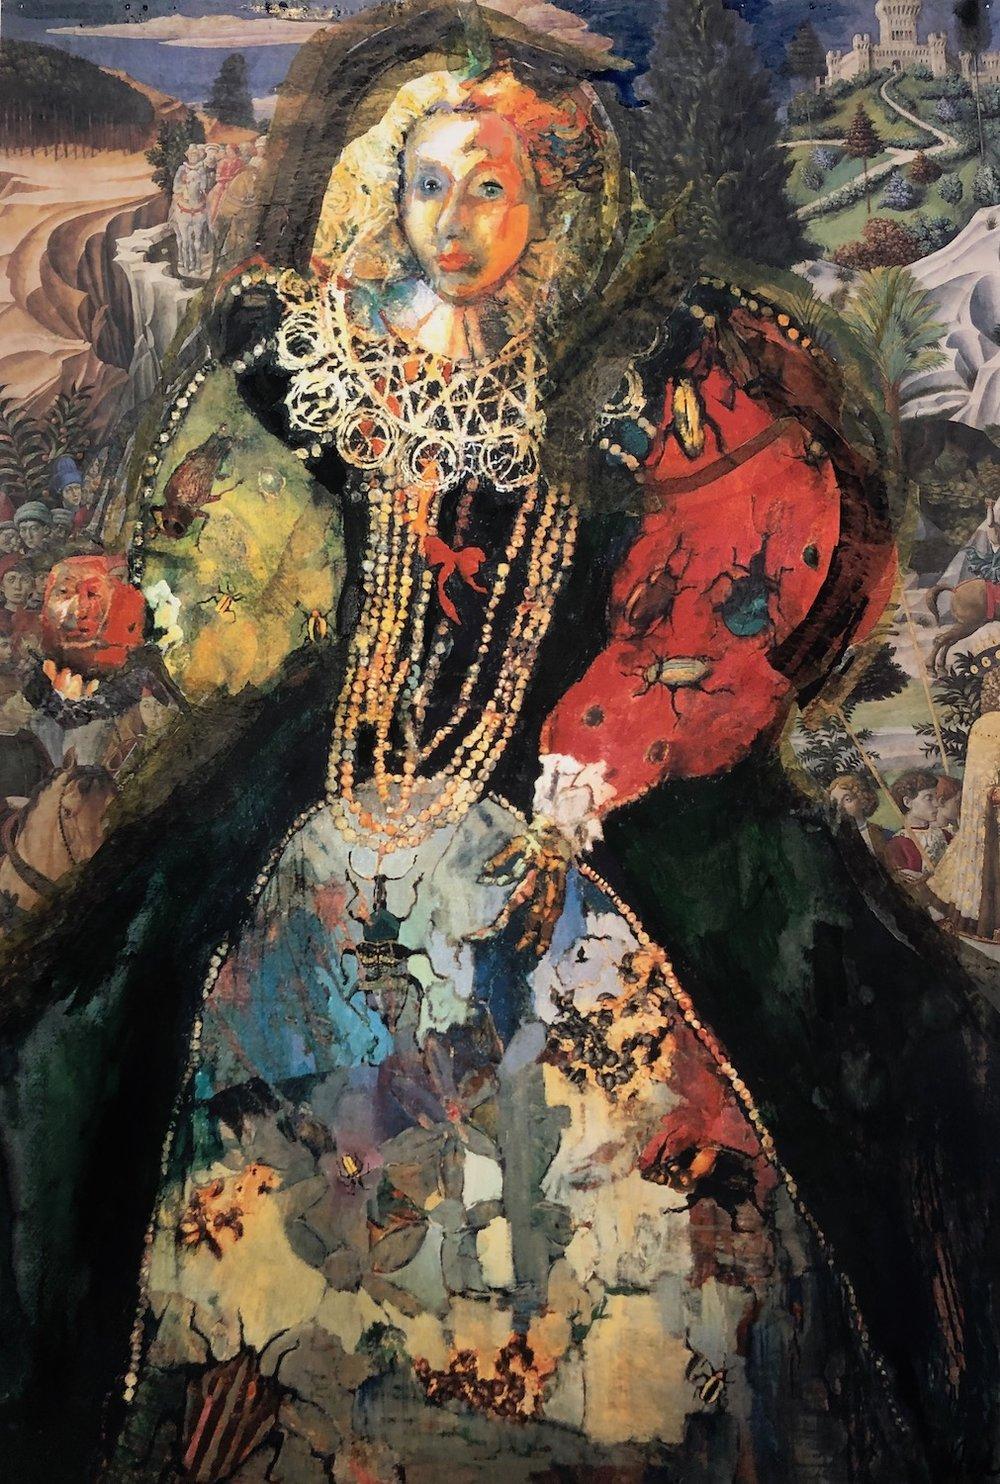 Elizabeth I, 32.25 x 22.25, Collage on paper, 1985, Signed LR:  Nix